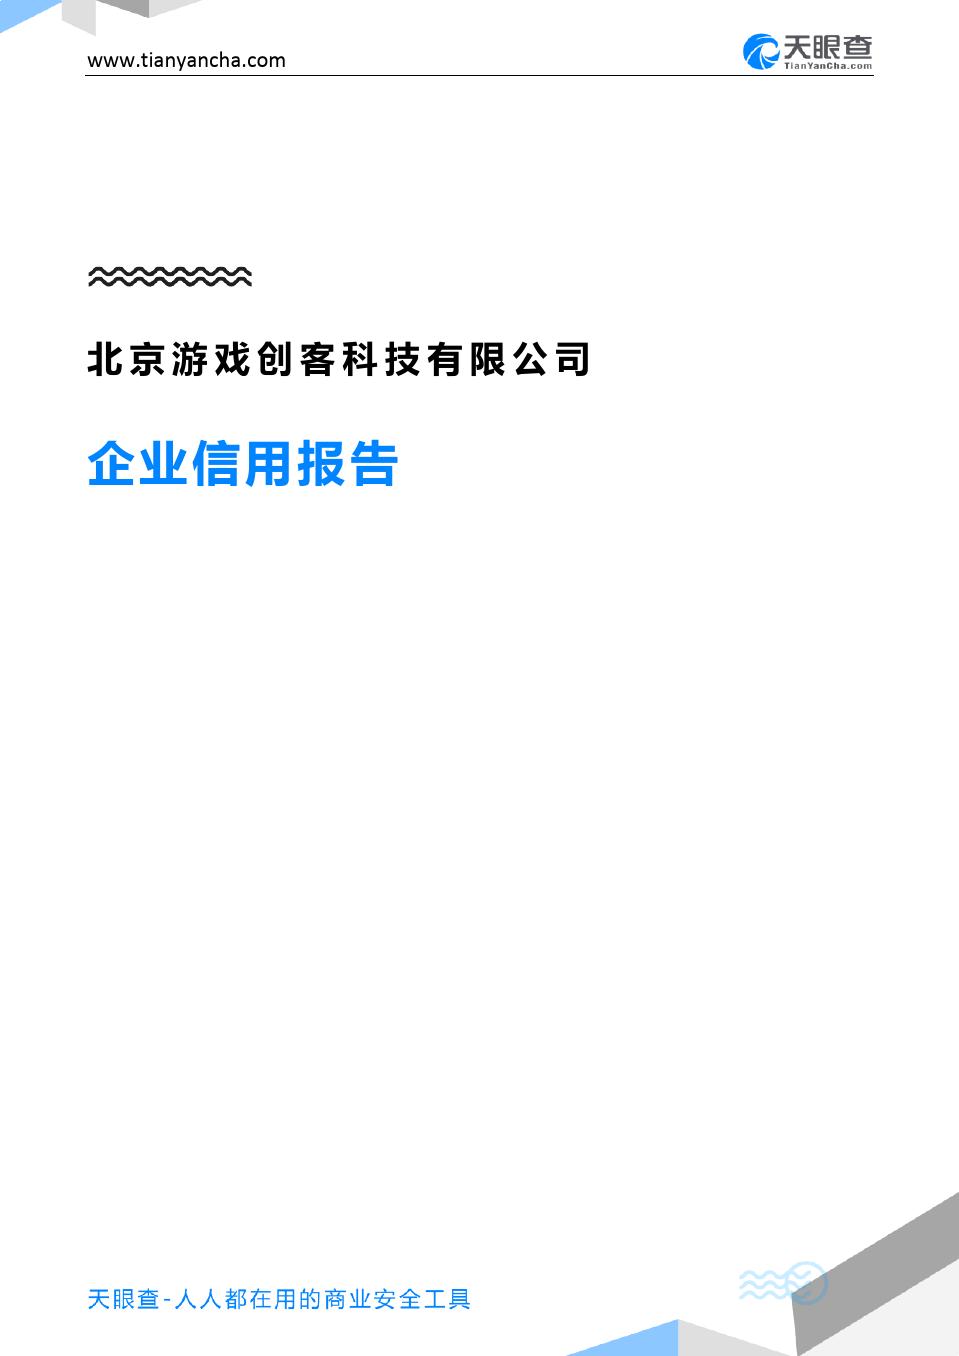 北京游戏创客科技有限公司(企业信用报告)- 天眼查